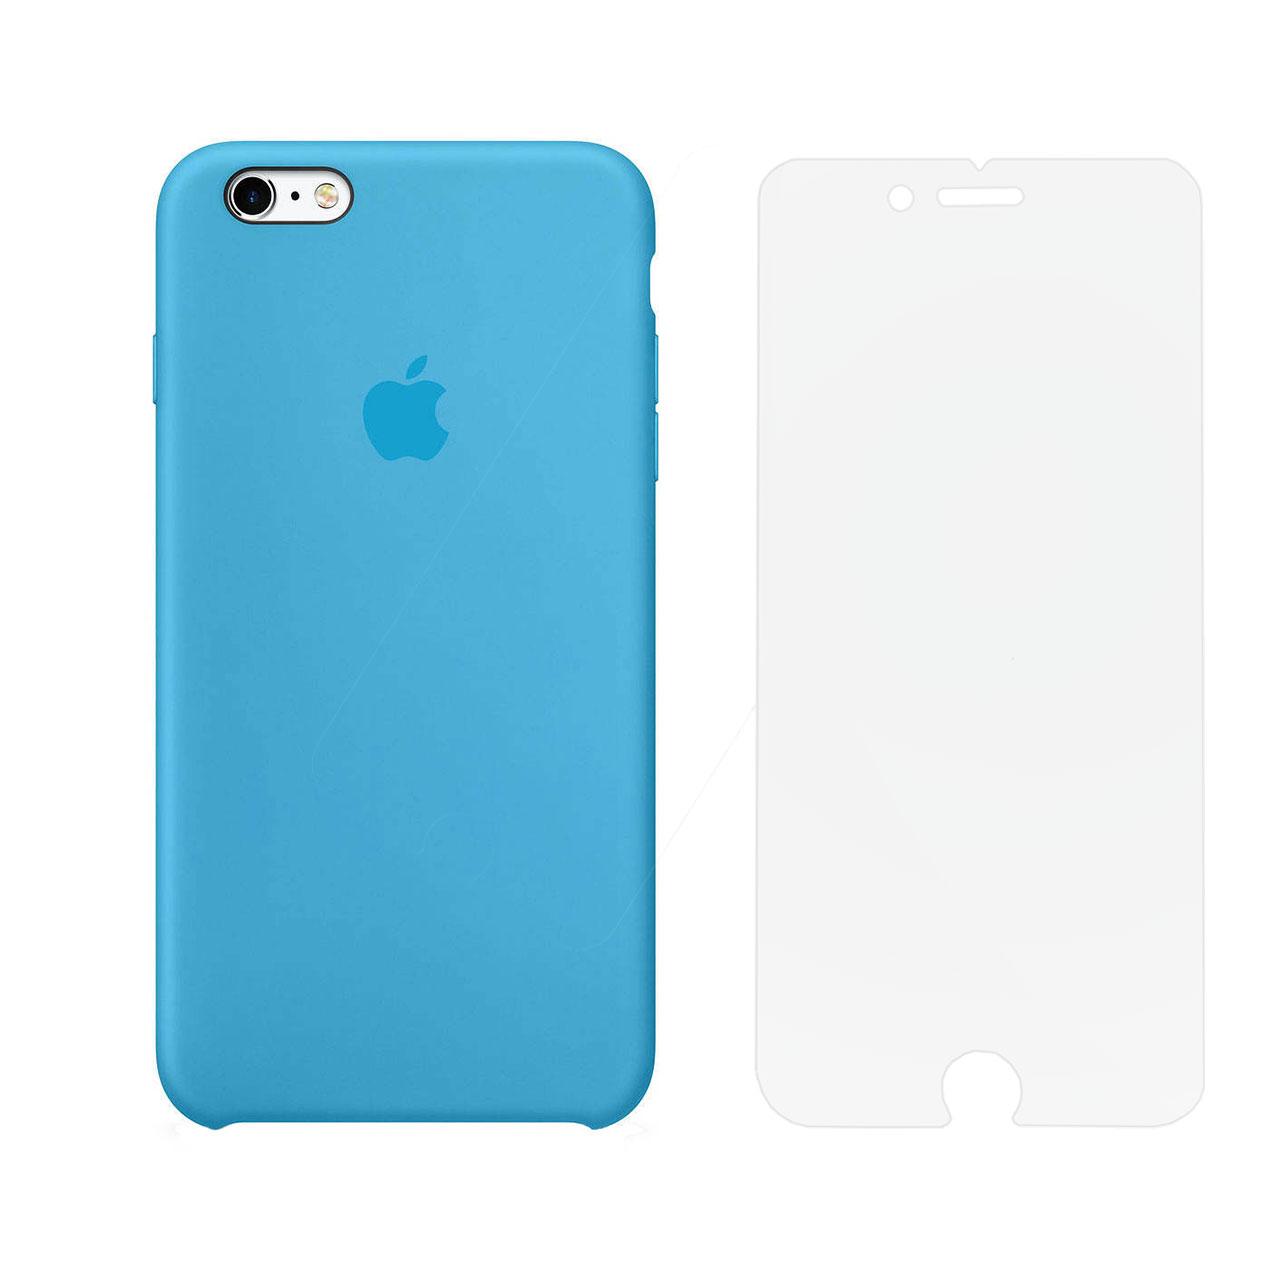 کاور مدل SLCN مناسب برای گوشی موبایل اپل iPhone 6 Plus / 6s Plus به همراه محافظ صفحه نمایش